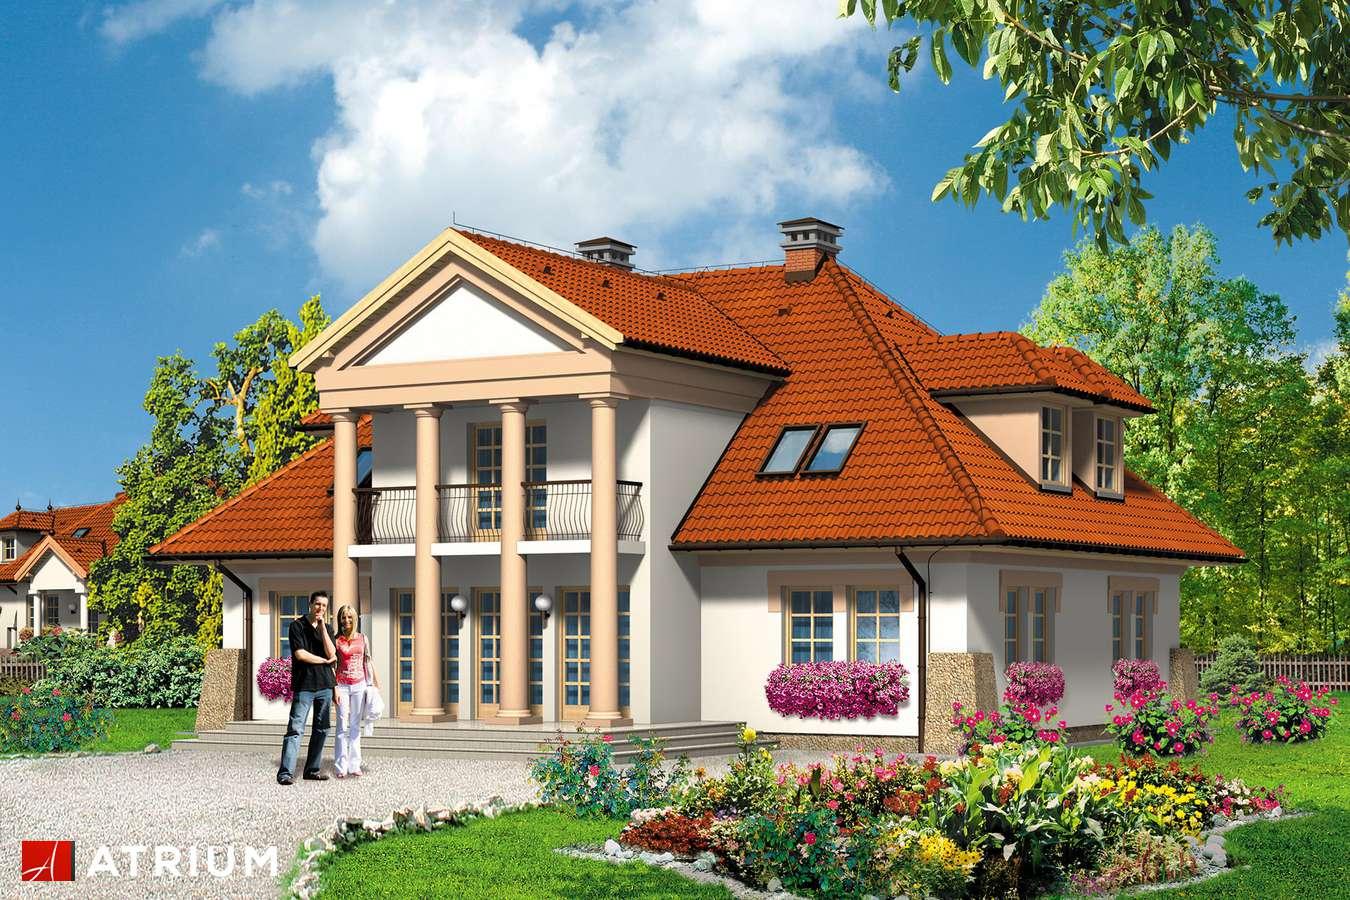 Projekty domów - Projekt domu z poddaszem KASZTELAN - wizualizacja 1